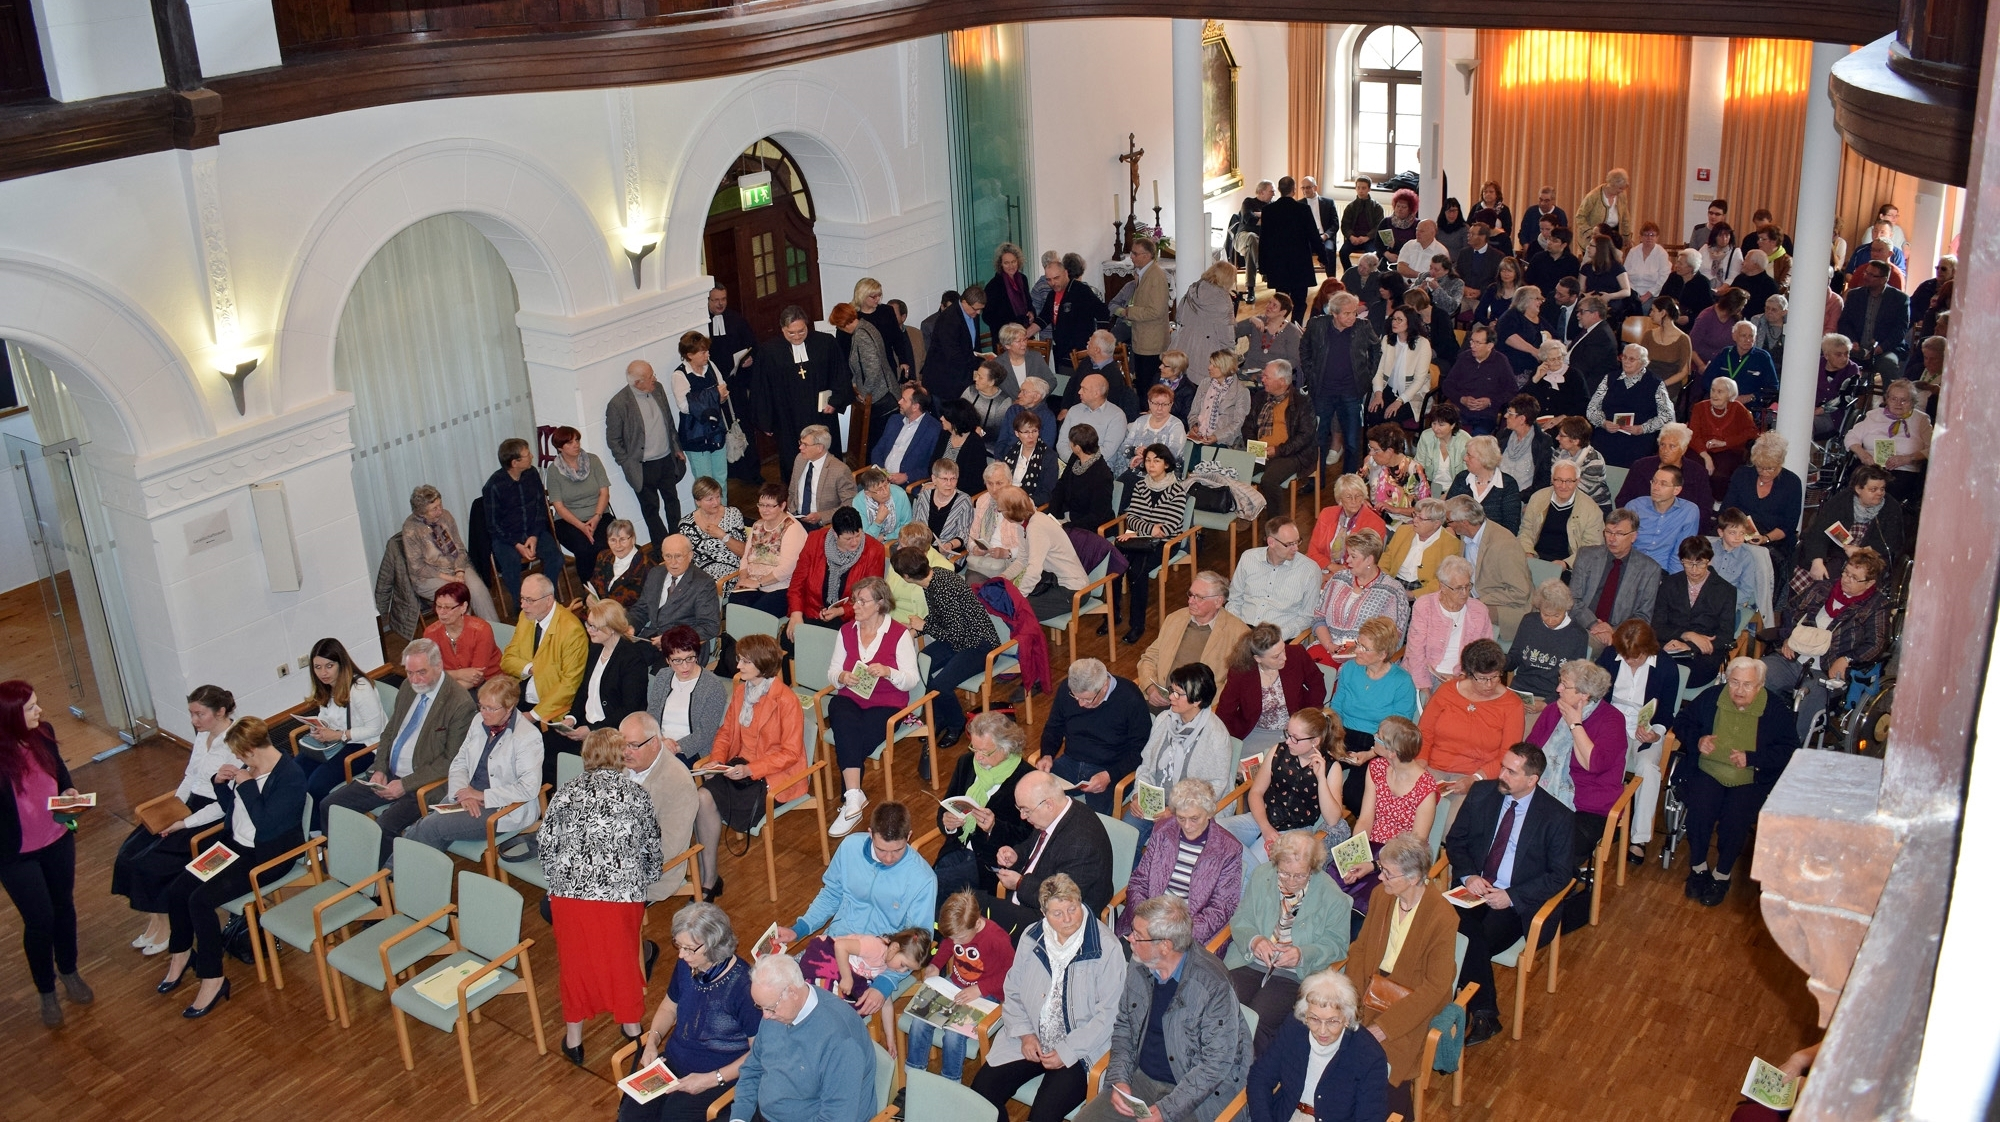 Viele Gäste drängten in den Stiftssaal (Urheber © Kanzlerstiftung)